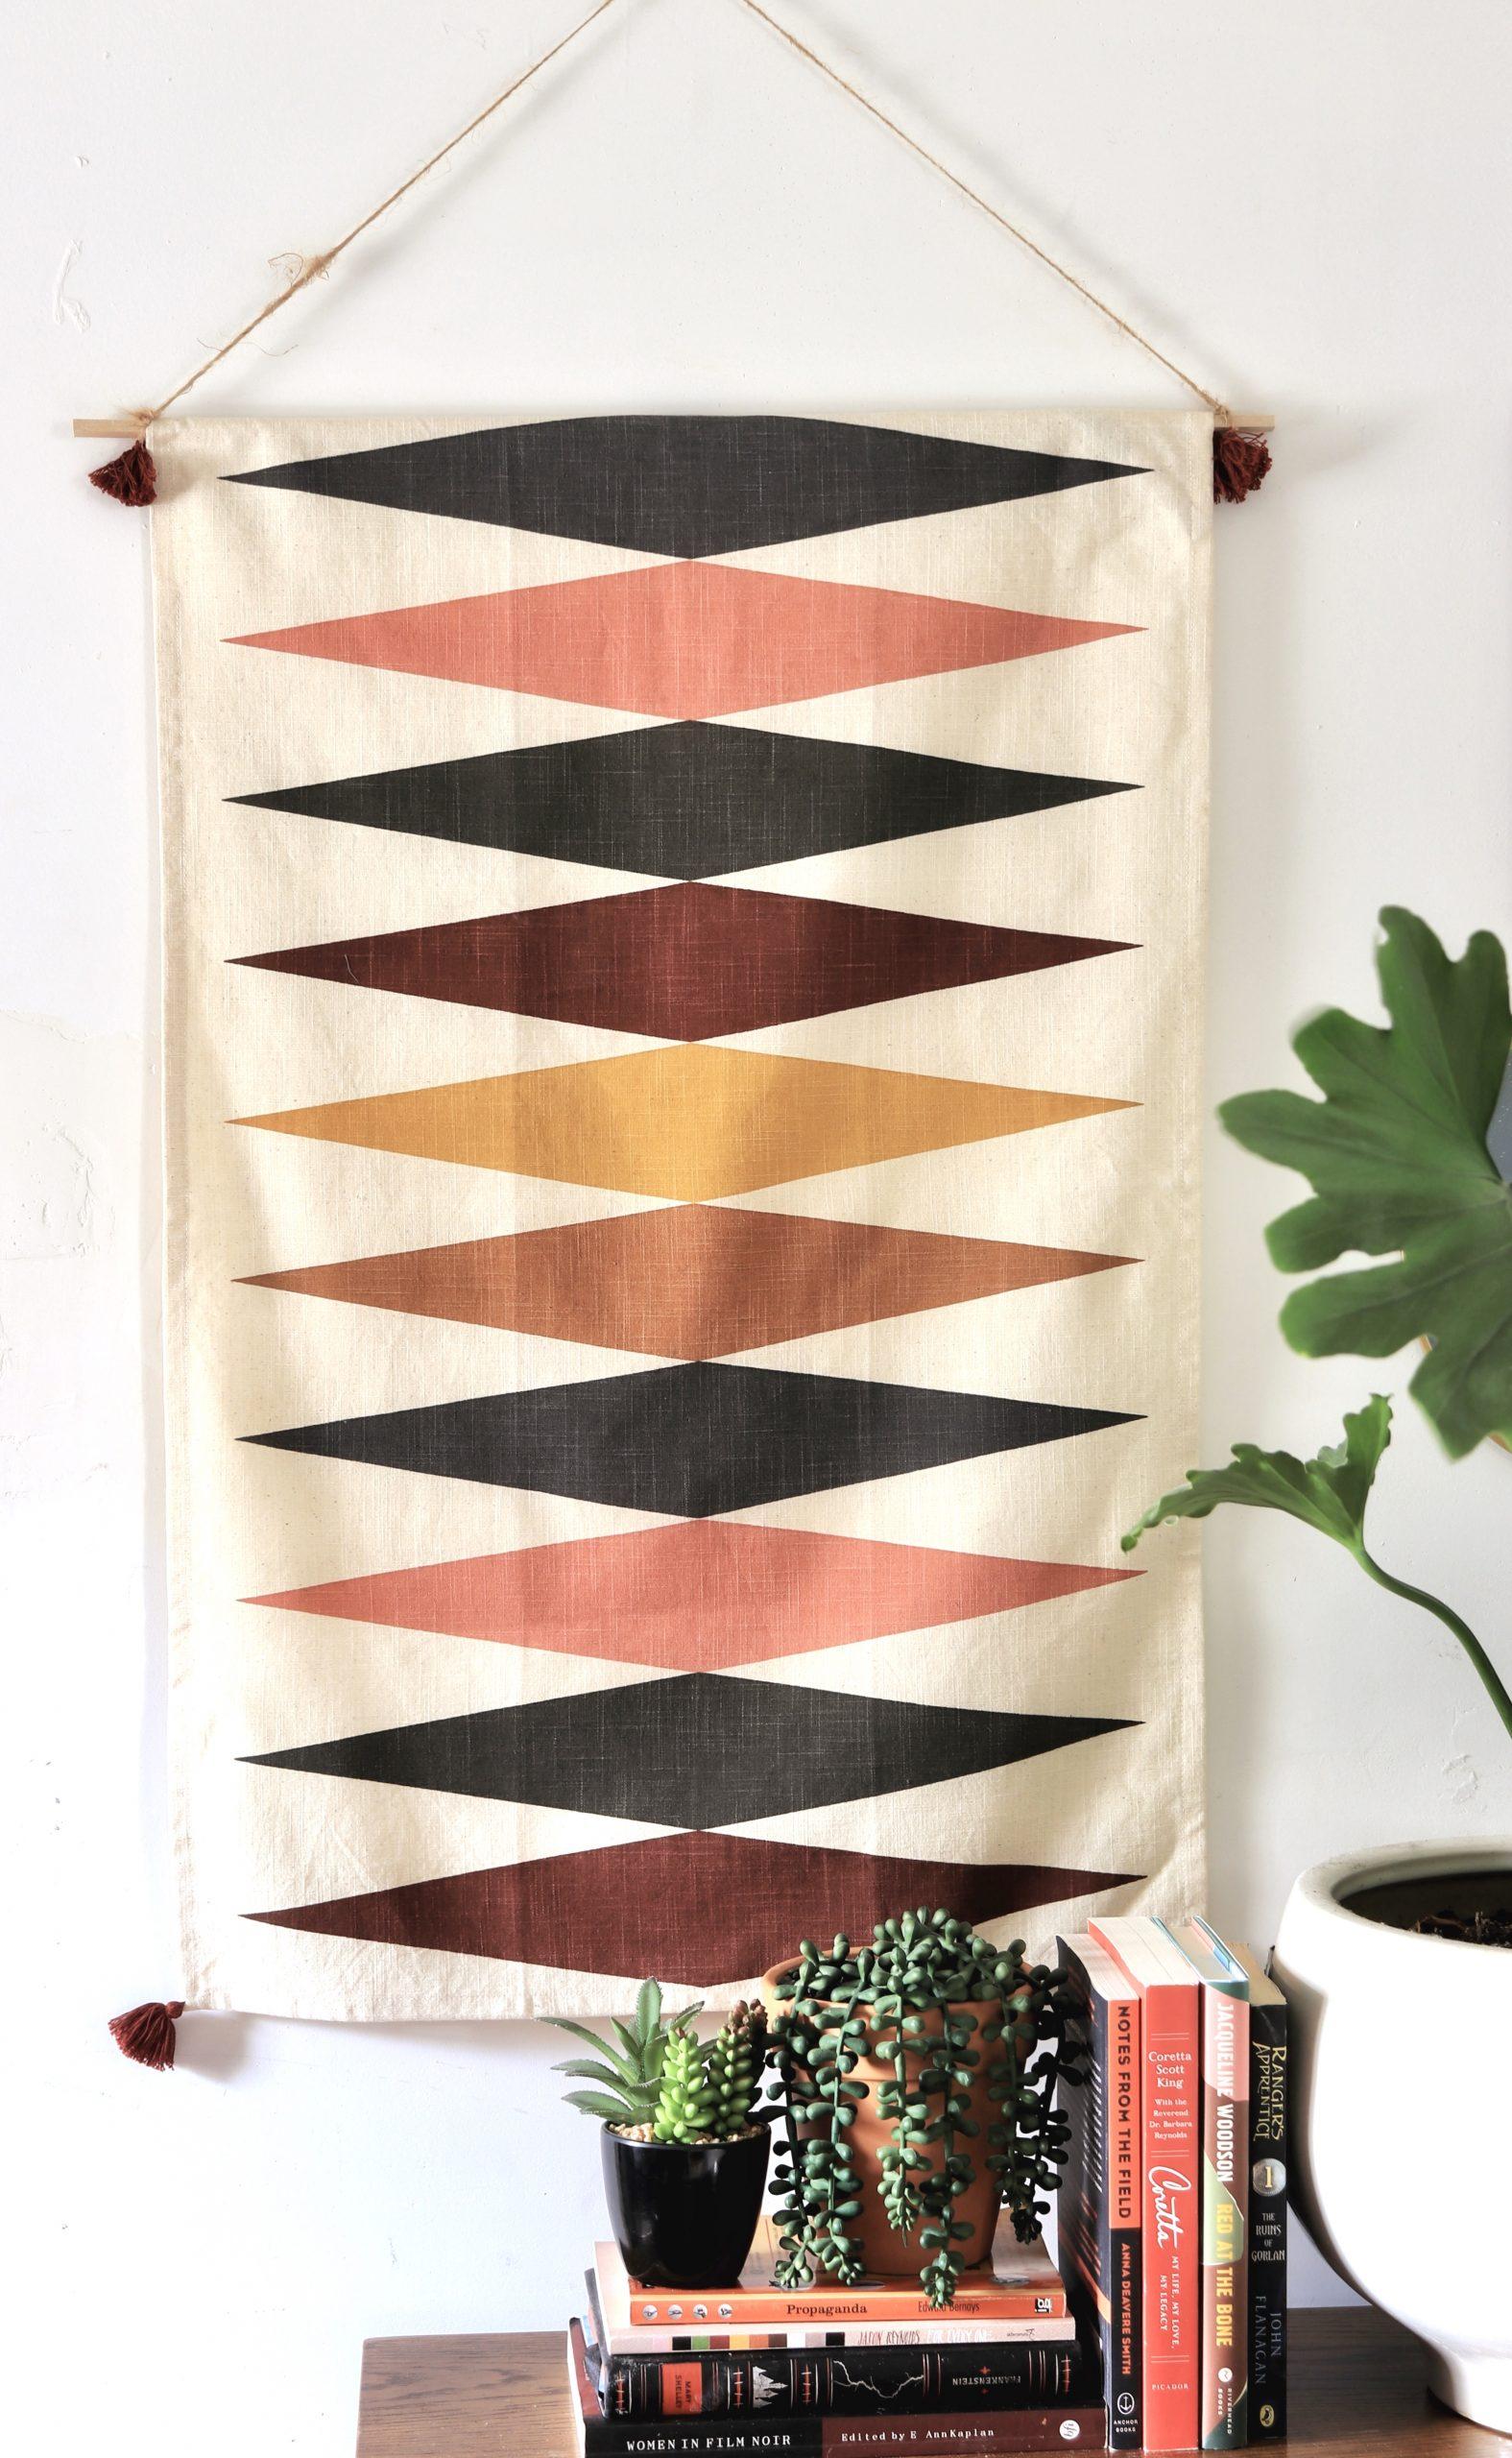 DIY Dish towel wall hanging